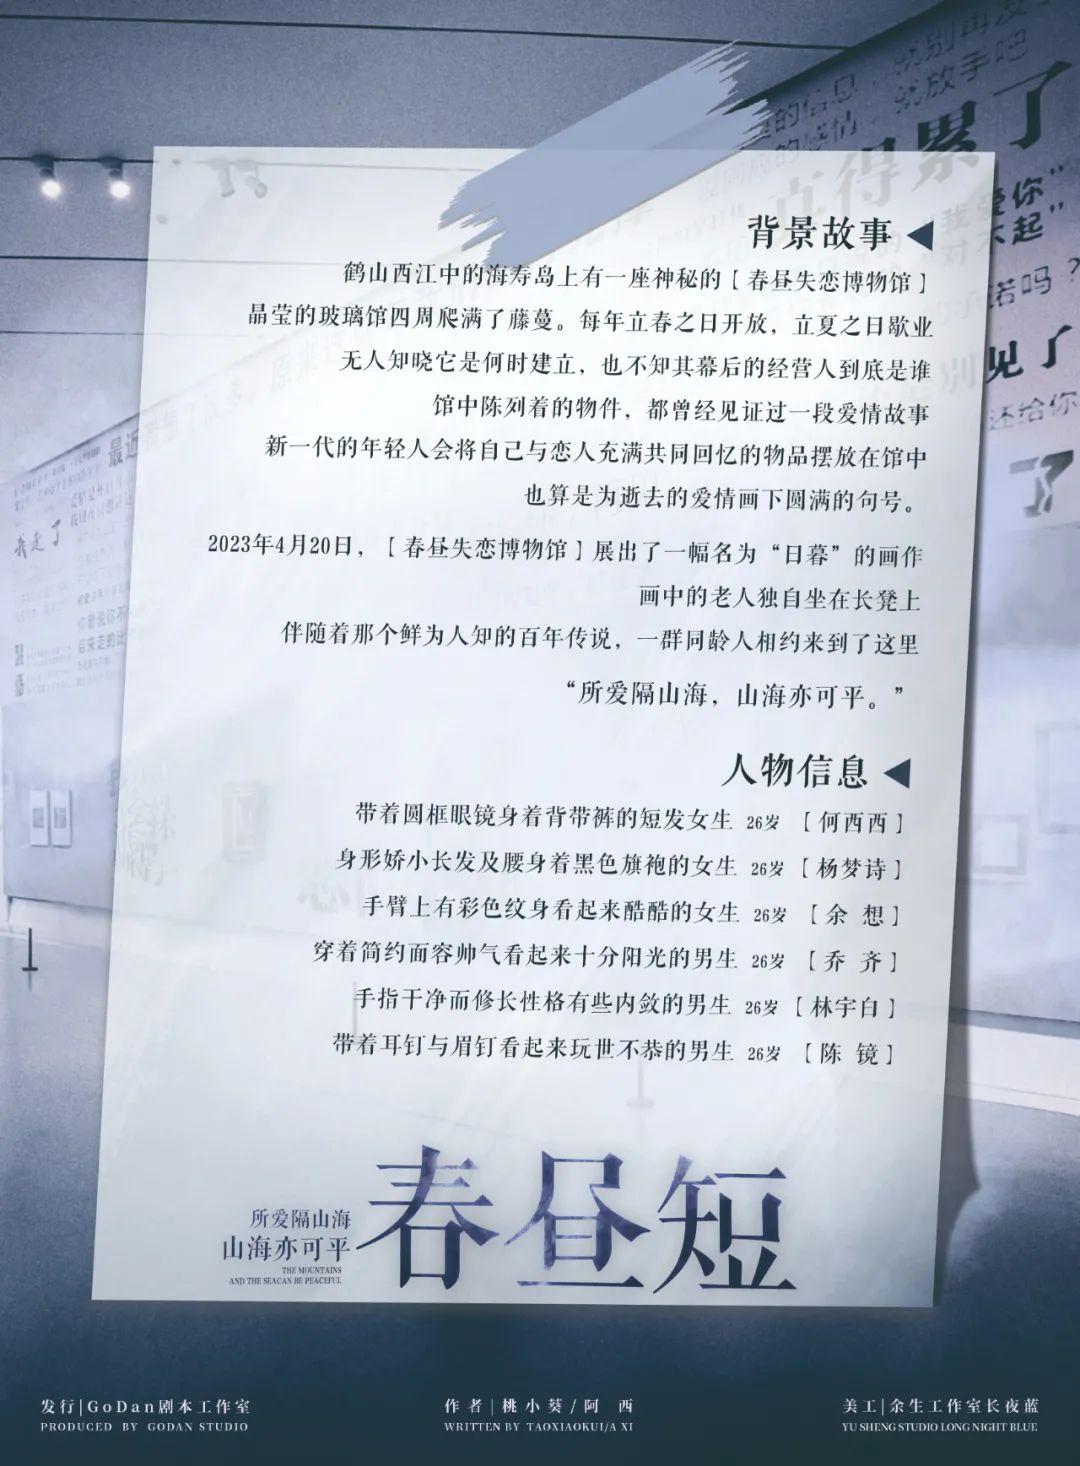 6人本《春昼短》剧本杀线索复盘真相剧透结局真凶手是谁?%-site_name